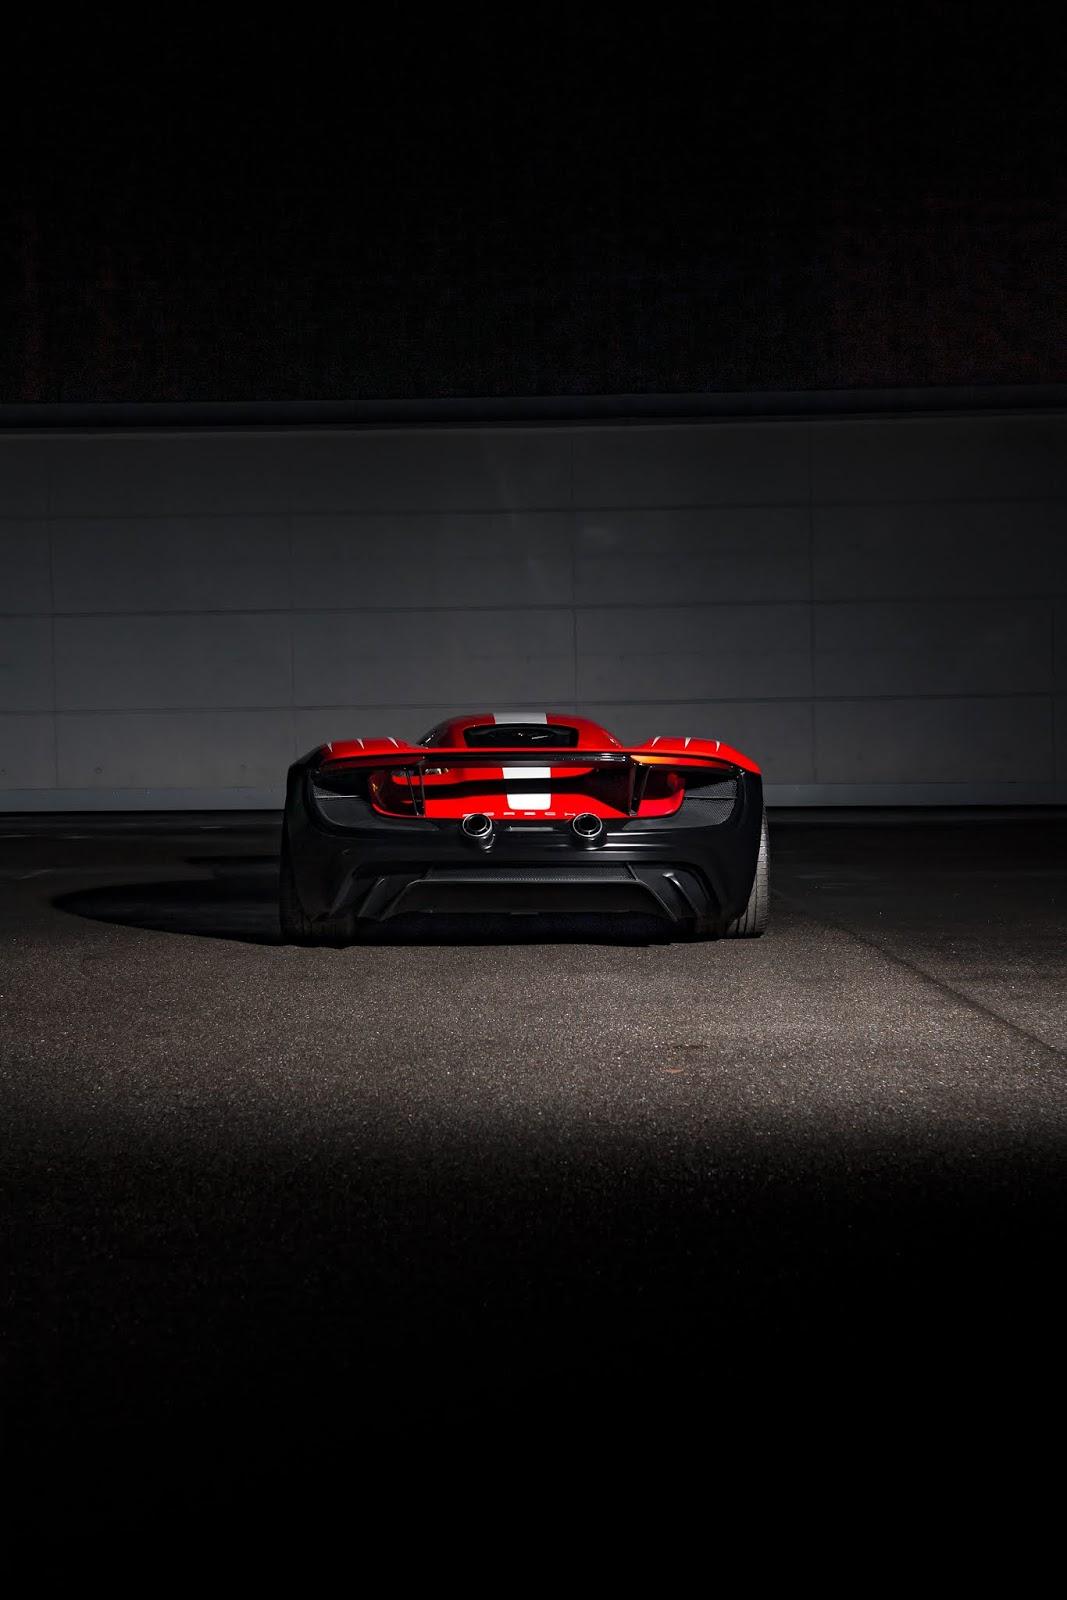 POR2232 Τα άγνωστα Hypercars της Porsche hypercar, Porsche, Porsche Unseen, Sunday, supercar, supercars, zblog, ειδήσεις